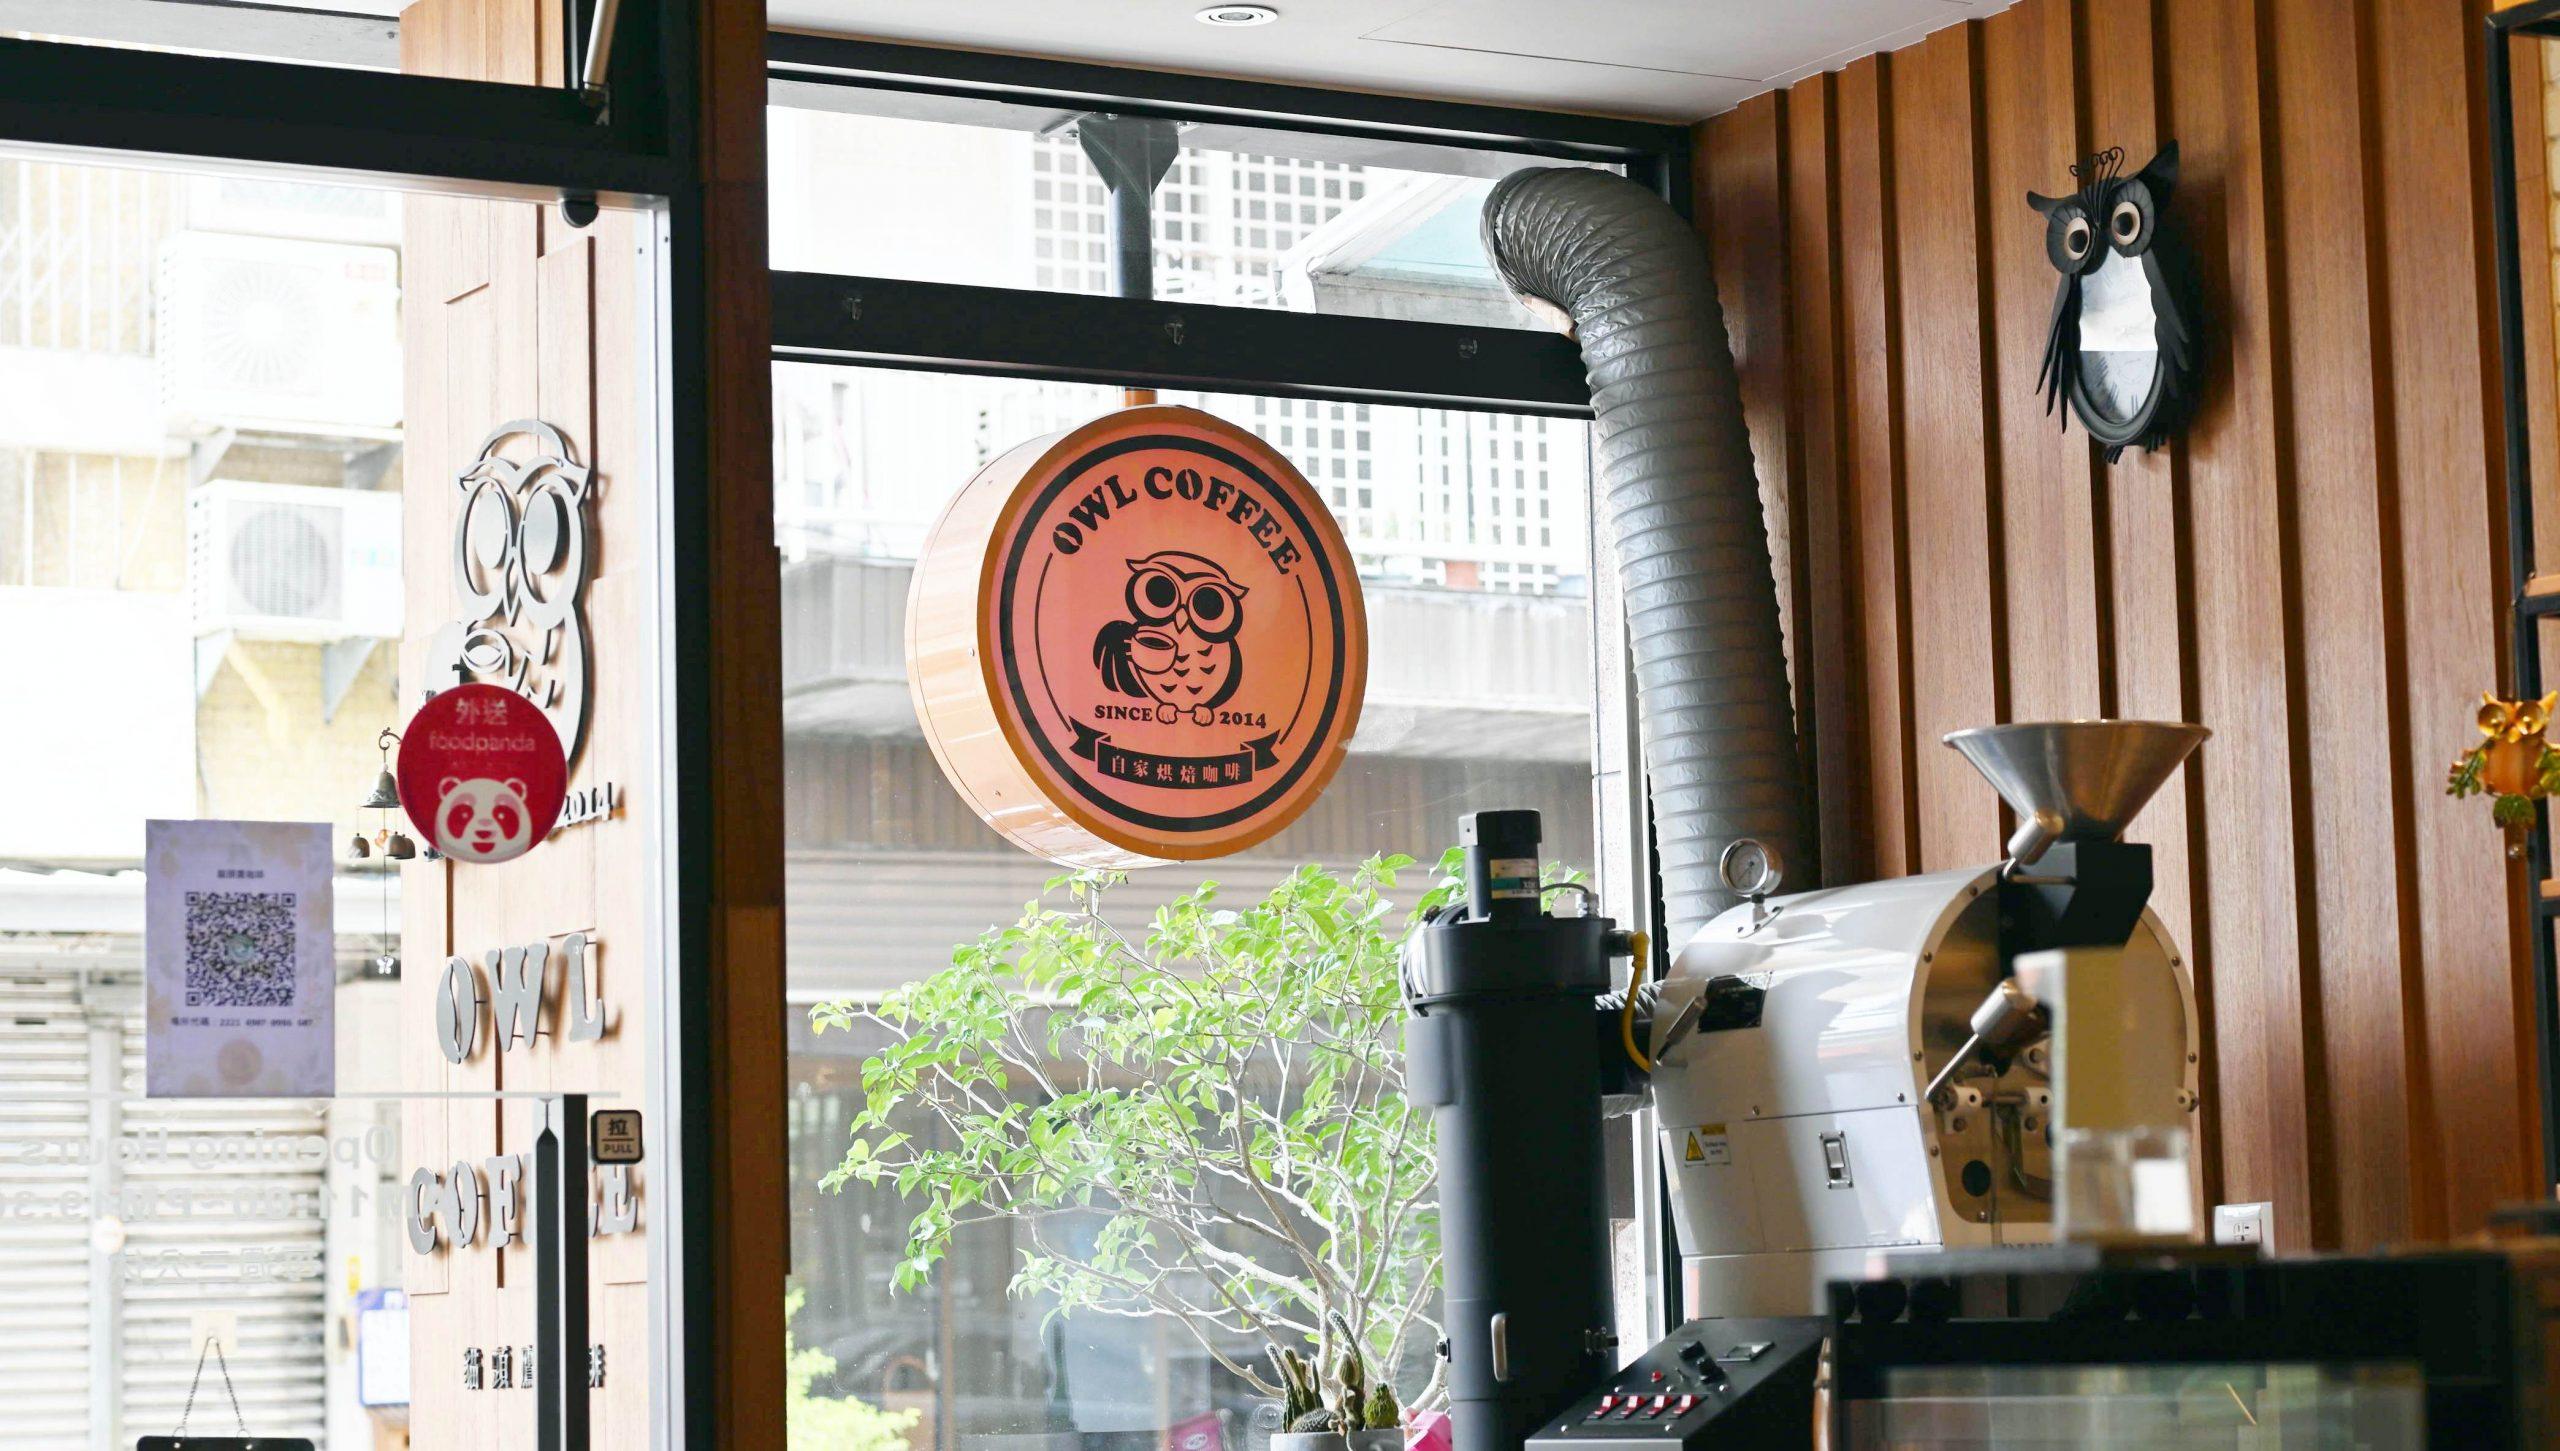 【嘉義咖啡廳推薦】貓頭鷹咖啡,環境超棒咖啡也好喝 (菜單)